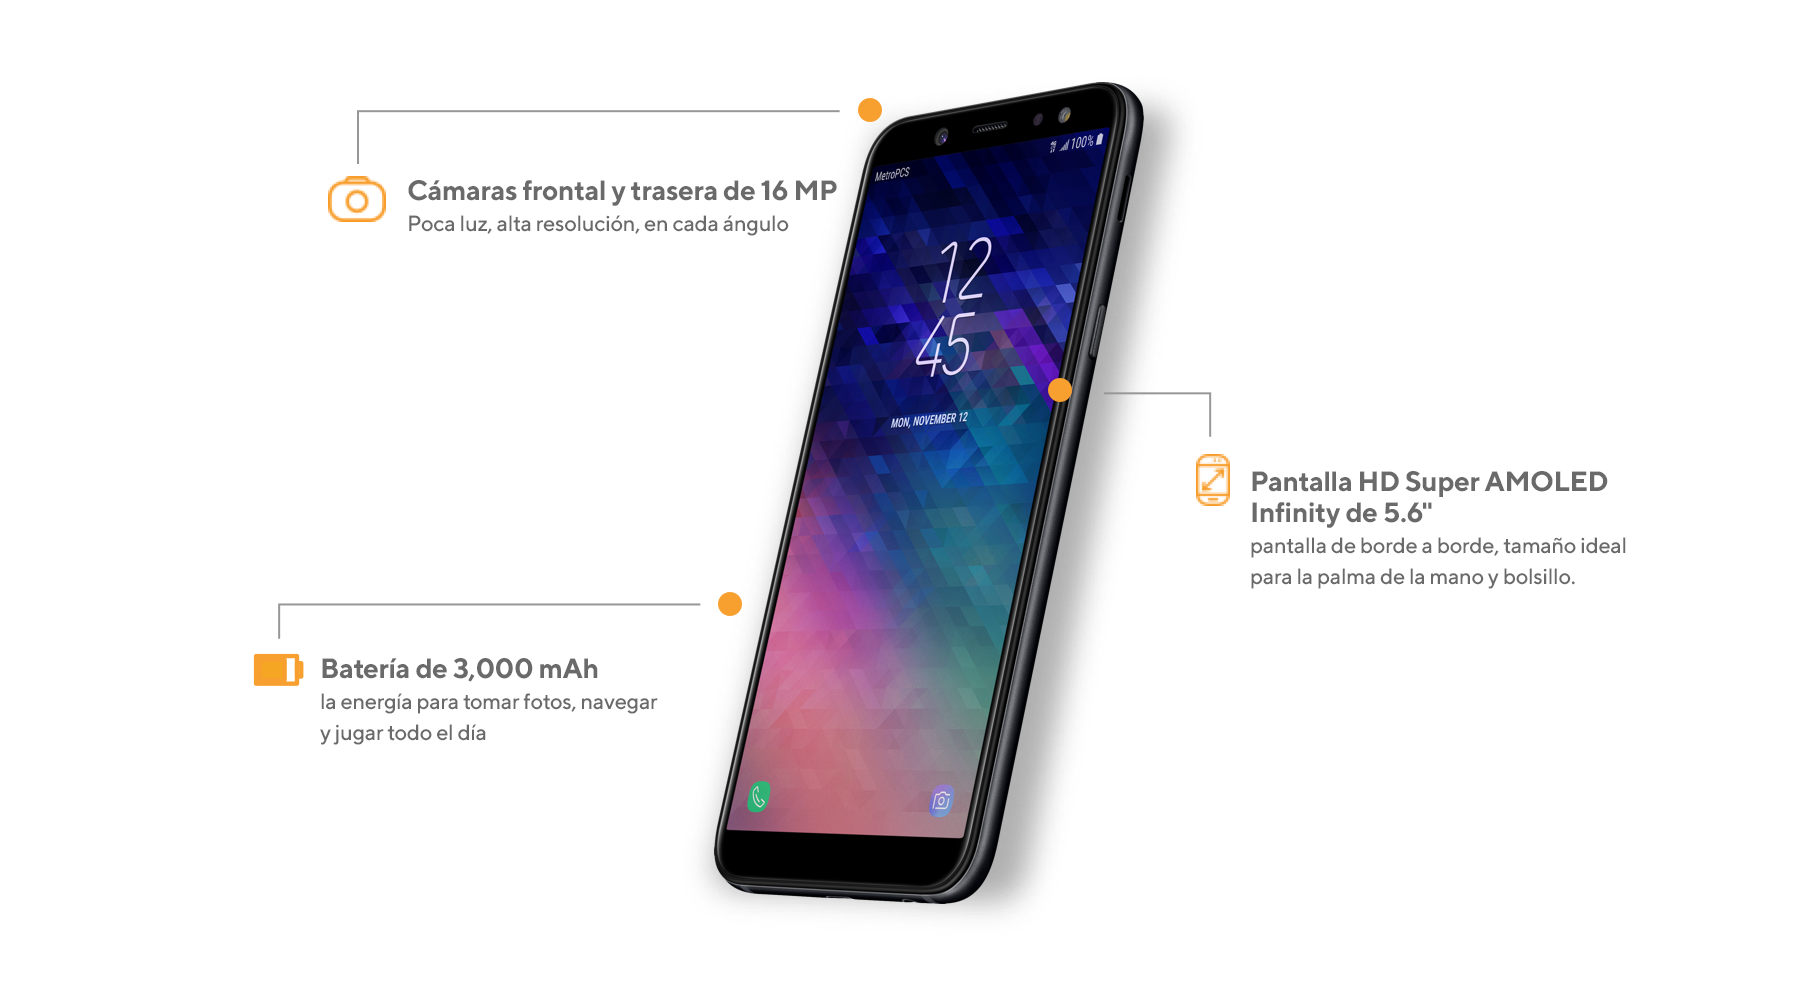 """El Samsung Galaxy A6 tiene una pantalla HD Super AMOLED Infinity de 5.6"""" de borde a borde, el tamaño ideal para la mano y bolsillo; cámaras frontal y posterior de 16 MP para poca luz, alta resolución en cada ángulo y batería de 3000 mAh con suficiente carga para tomar fotos o grabar videos, navegar y jugar todo el día."""